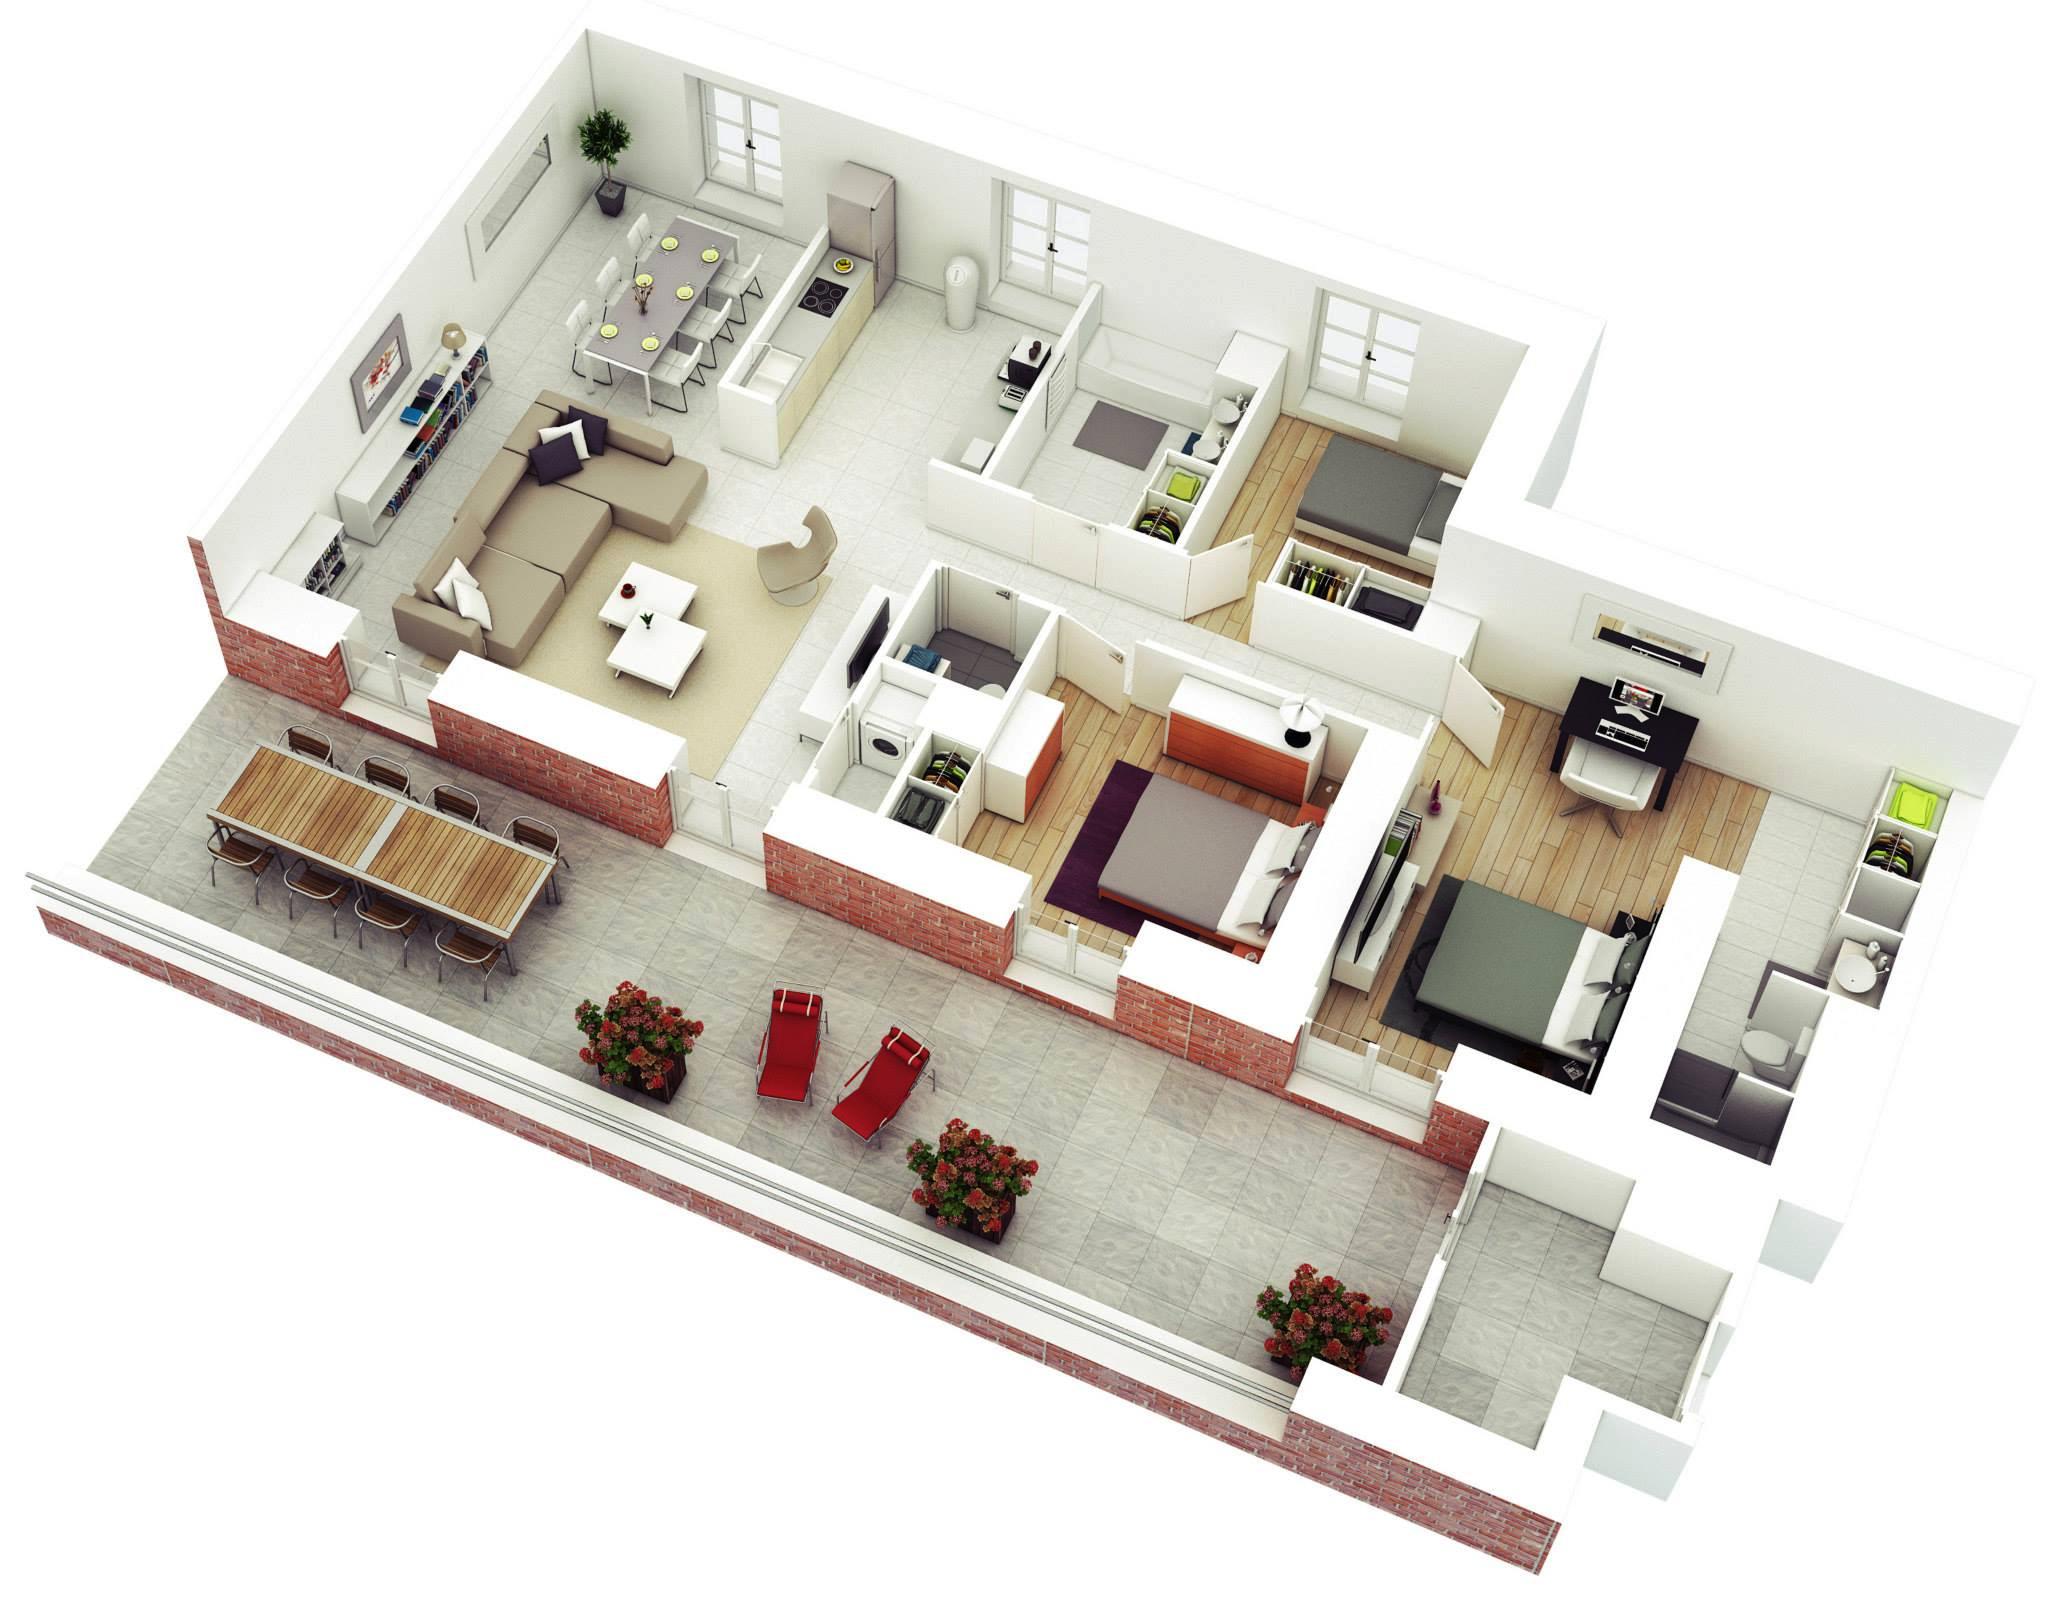 mau nha cap 4 3 phong ngu 27 - 99 mẫu nhà cấp 4 mái thái đẹp hiện đại, tinh tế (2020)